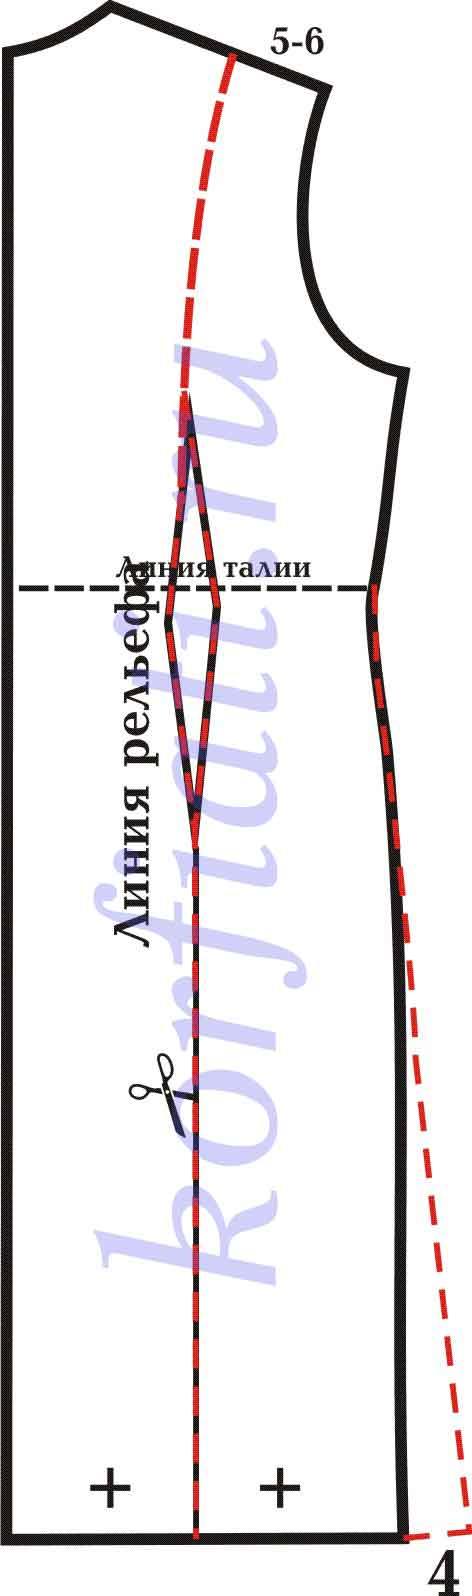 Женское полупальто выкройка спинки